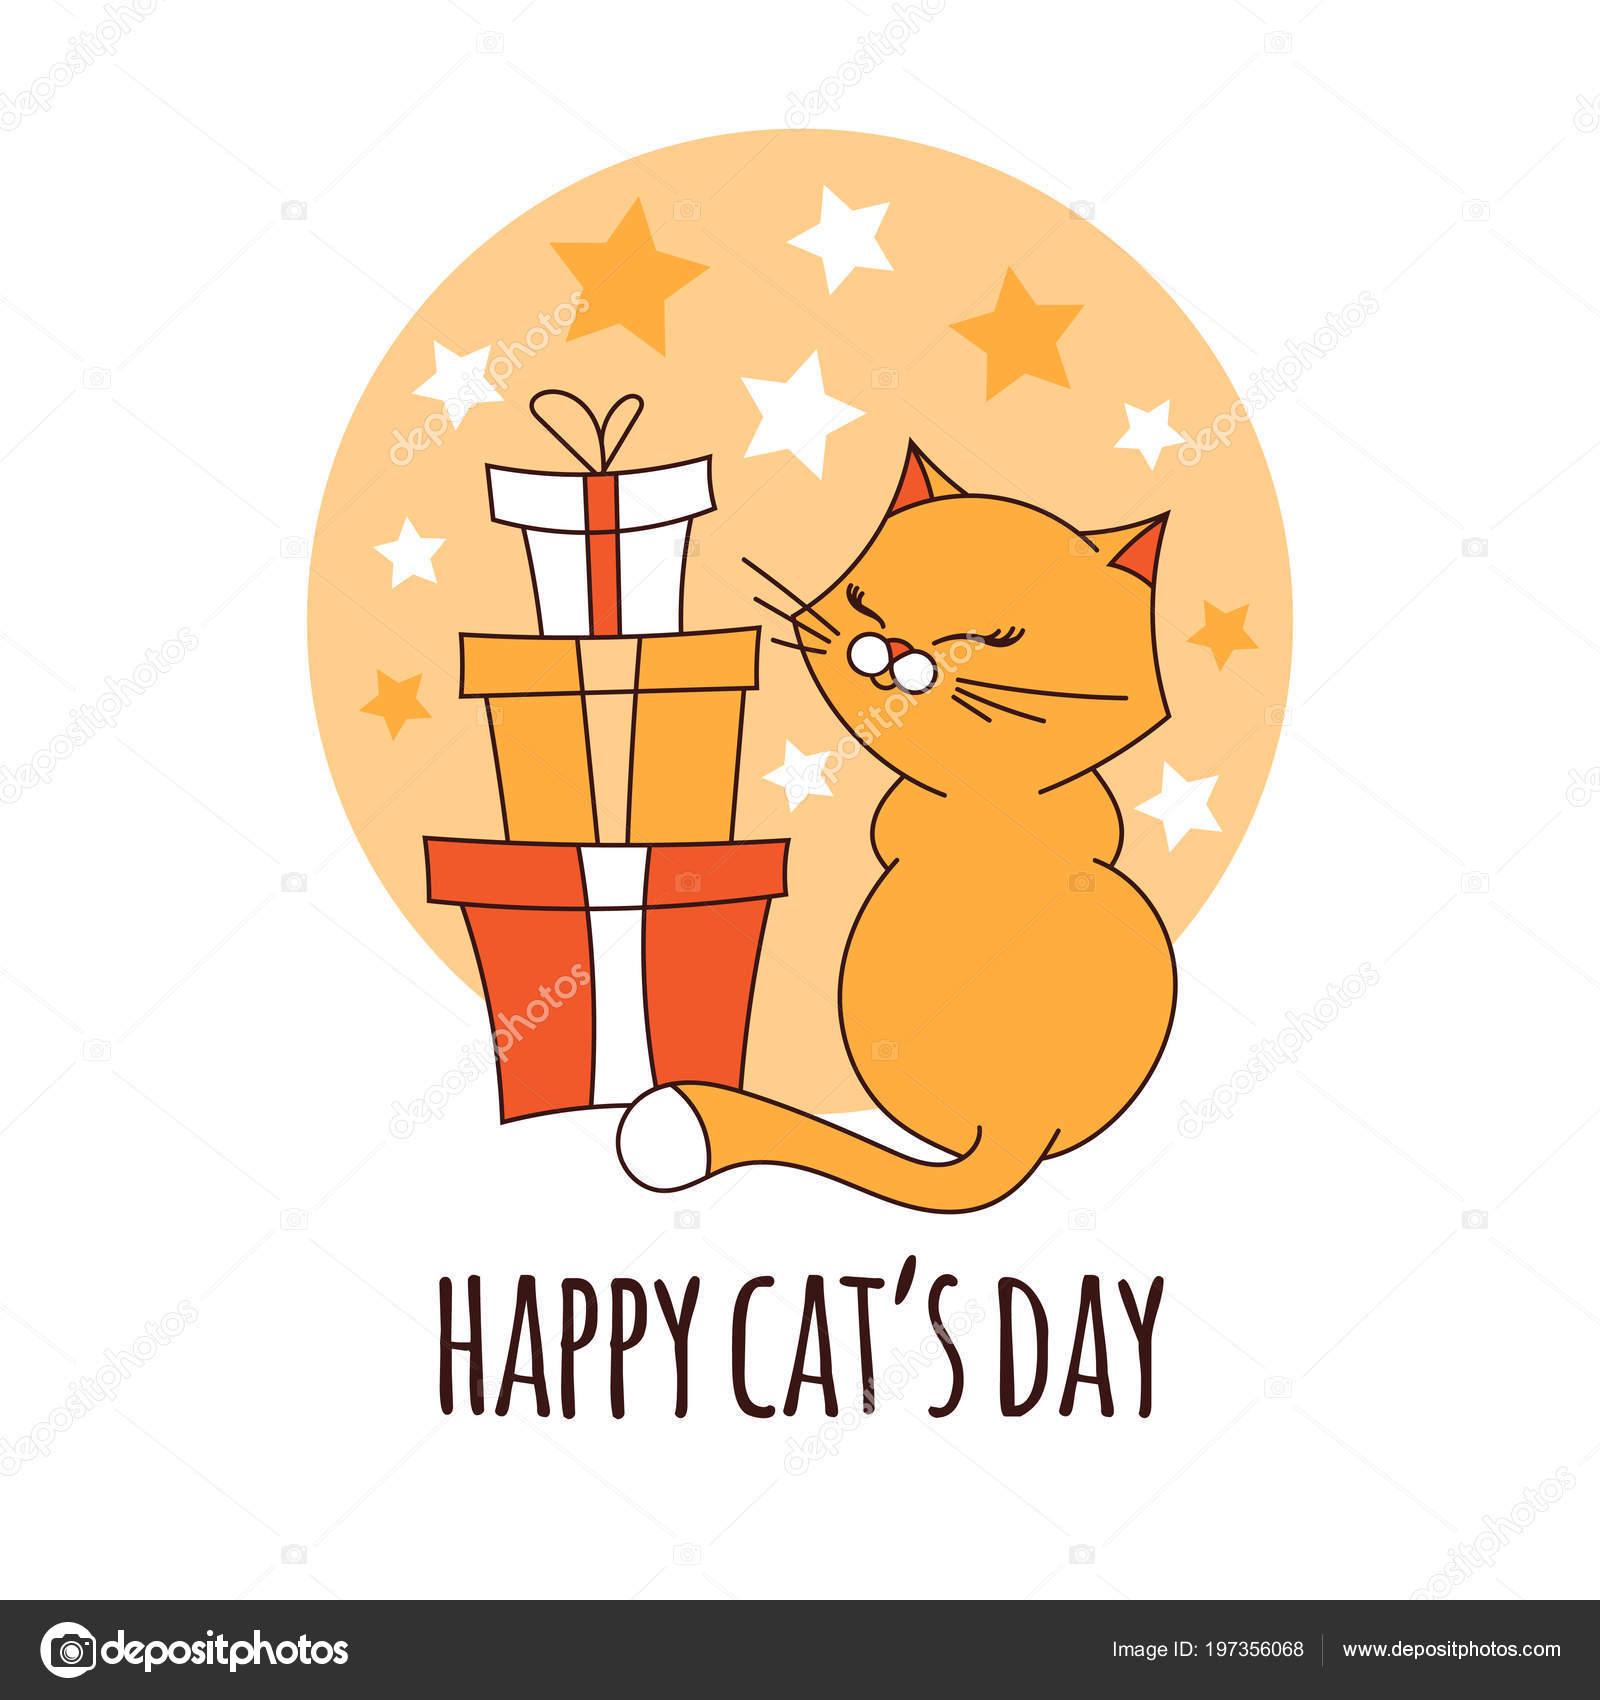 幸せ猫日イラスト 笑顔のプレゼントとかわいい漫画子猫 ペットの誕生日の